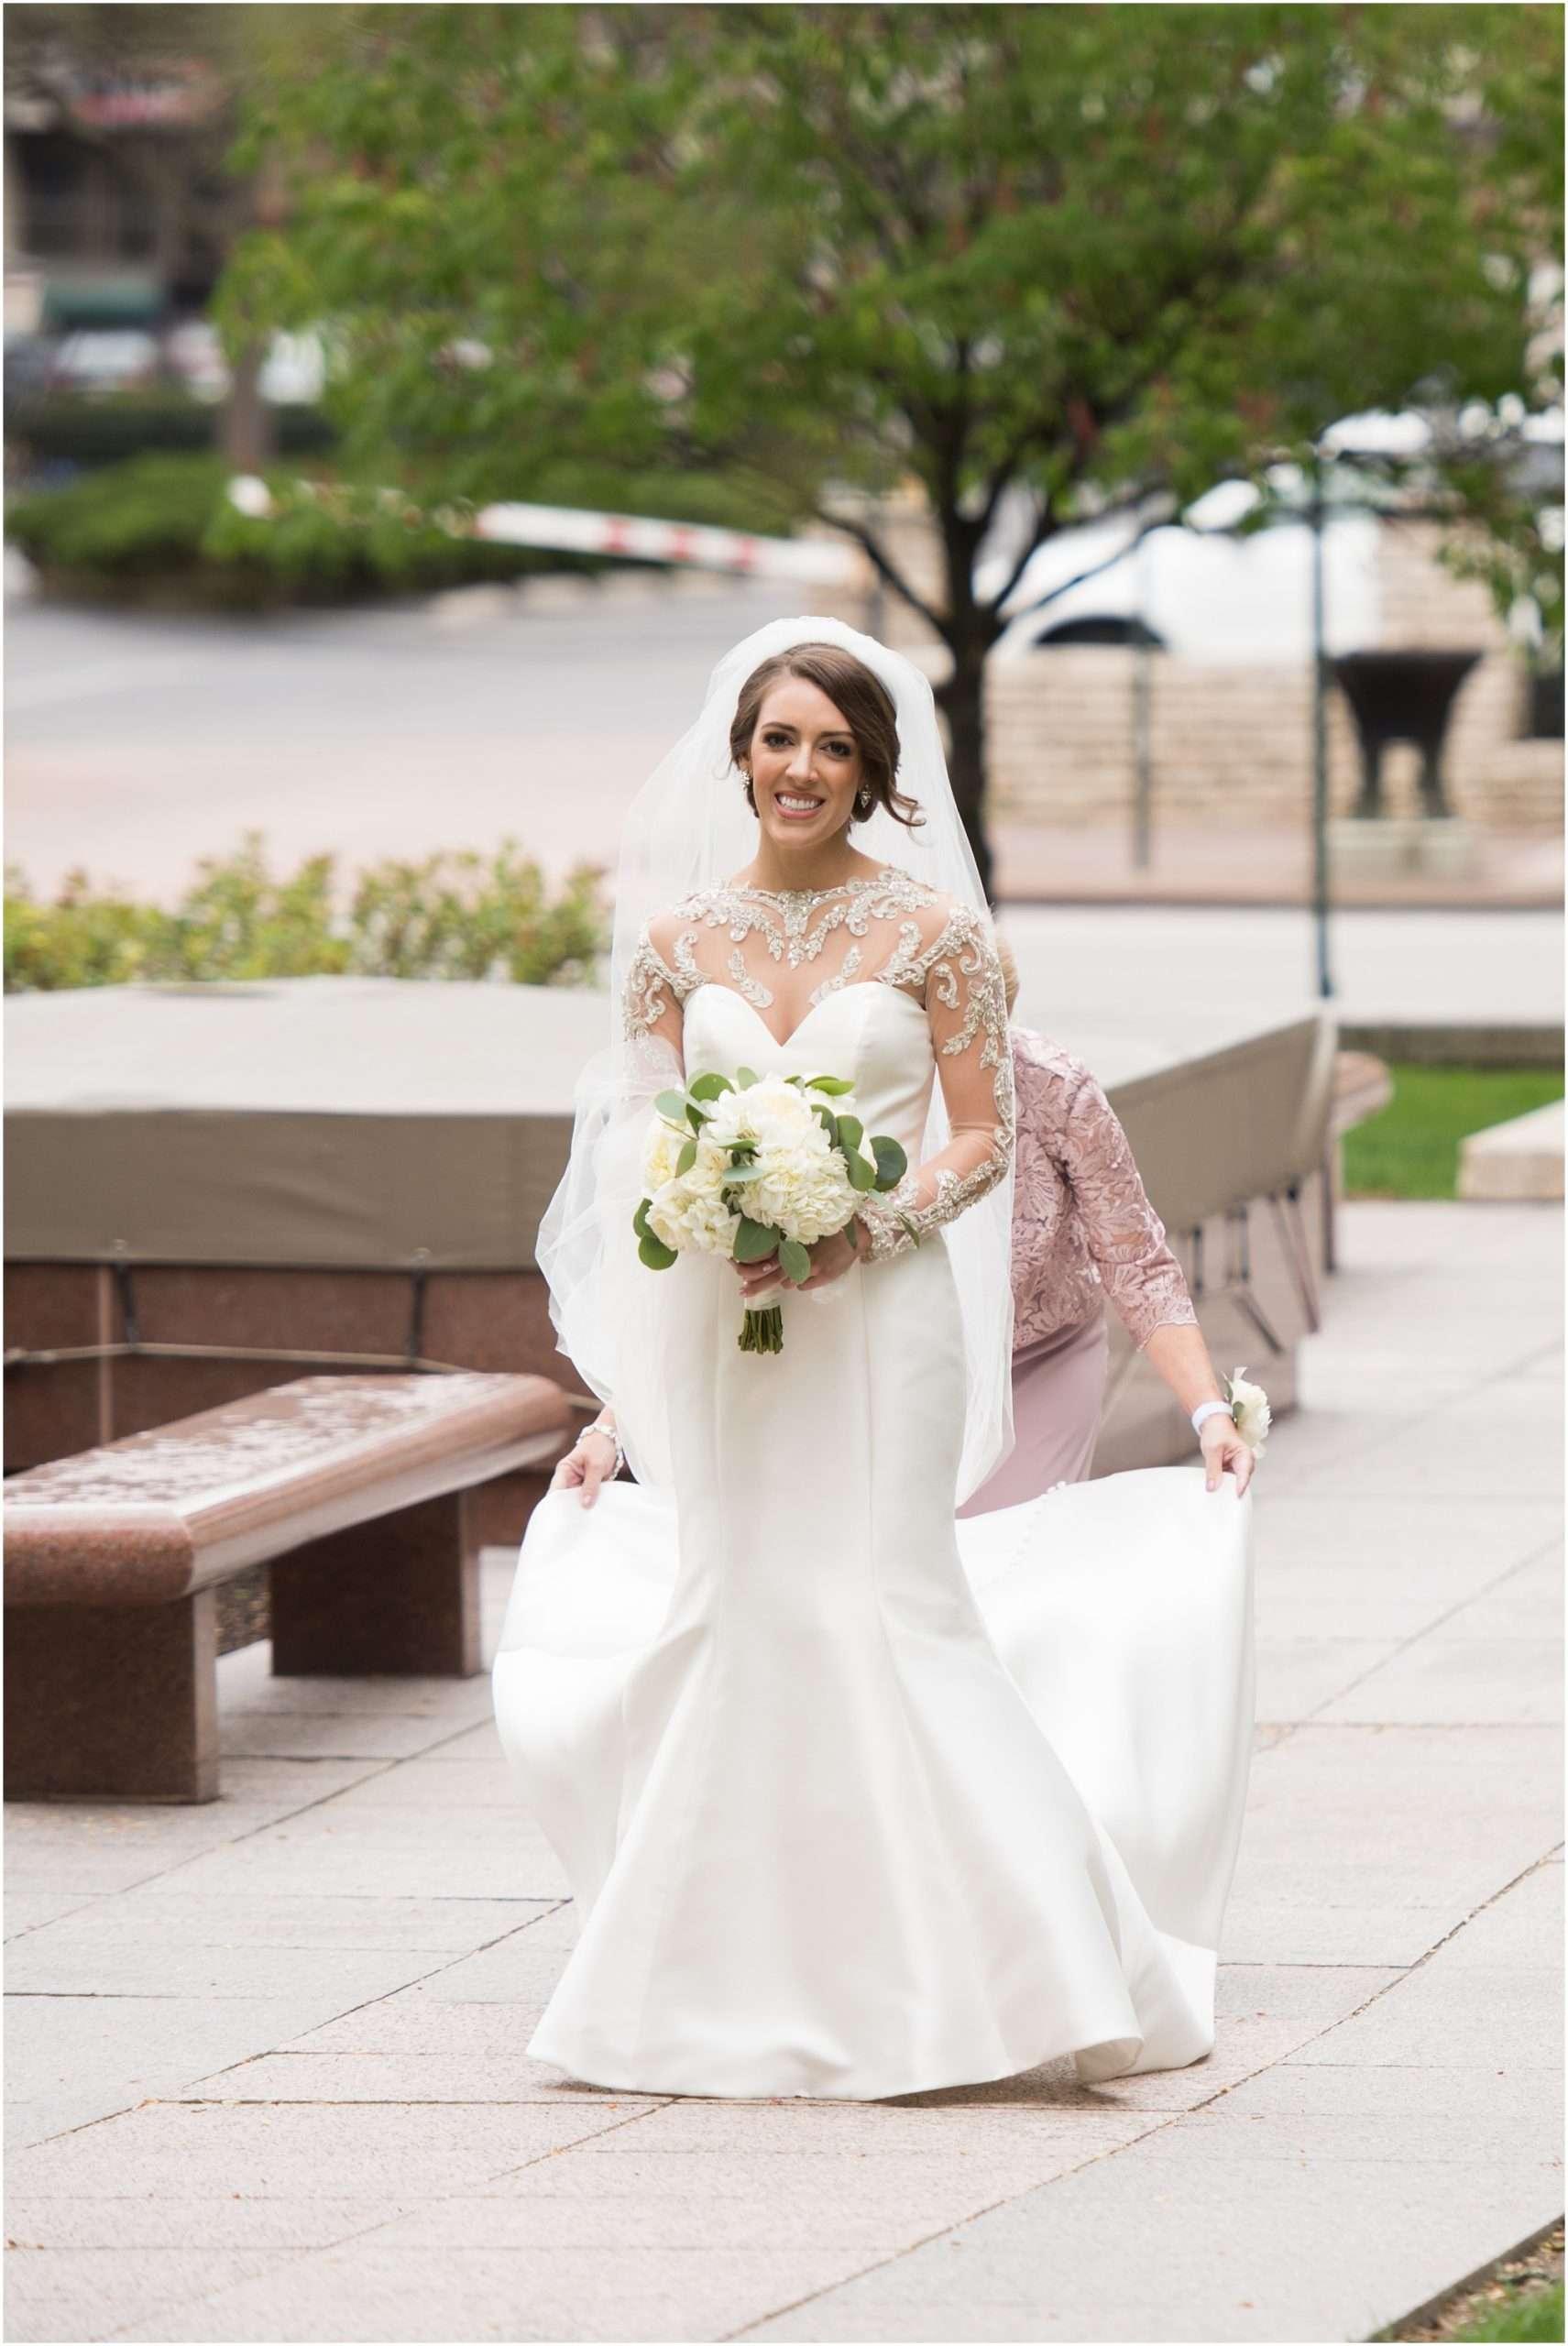 Spring Wedding at the Ohio Statehouse | Columbus Ohio Photography 22